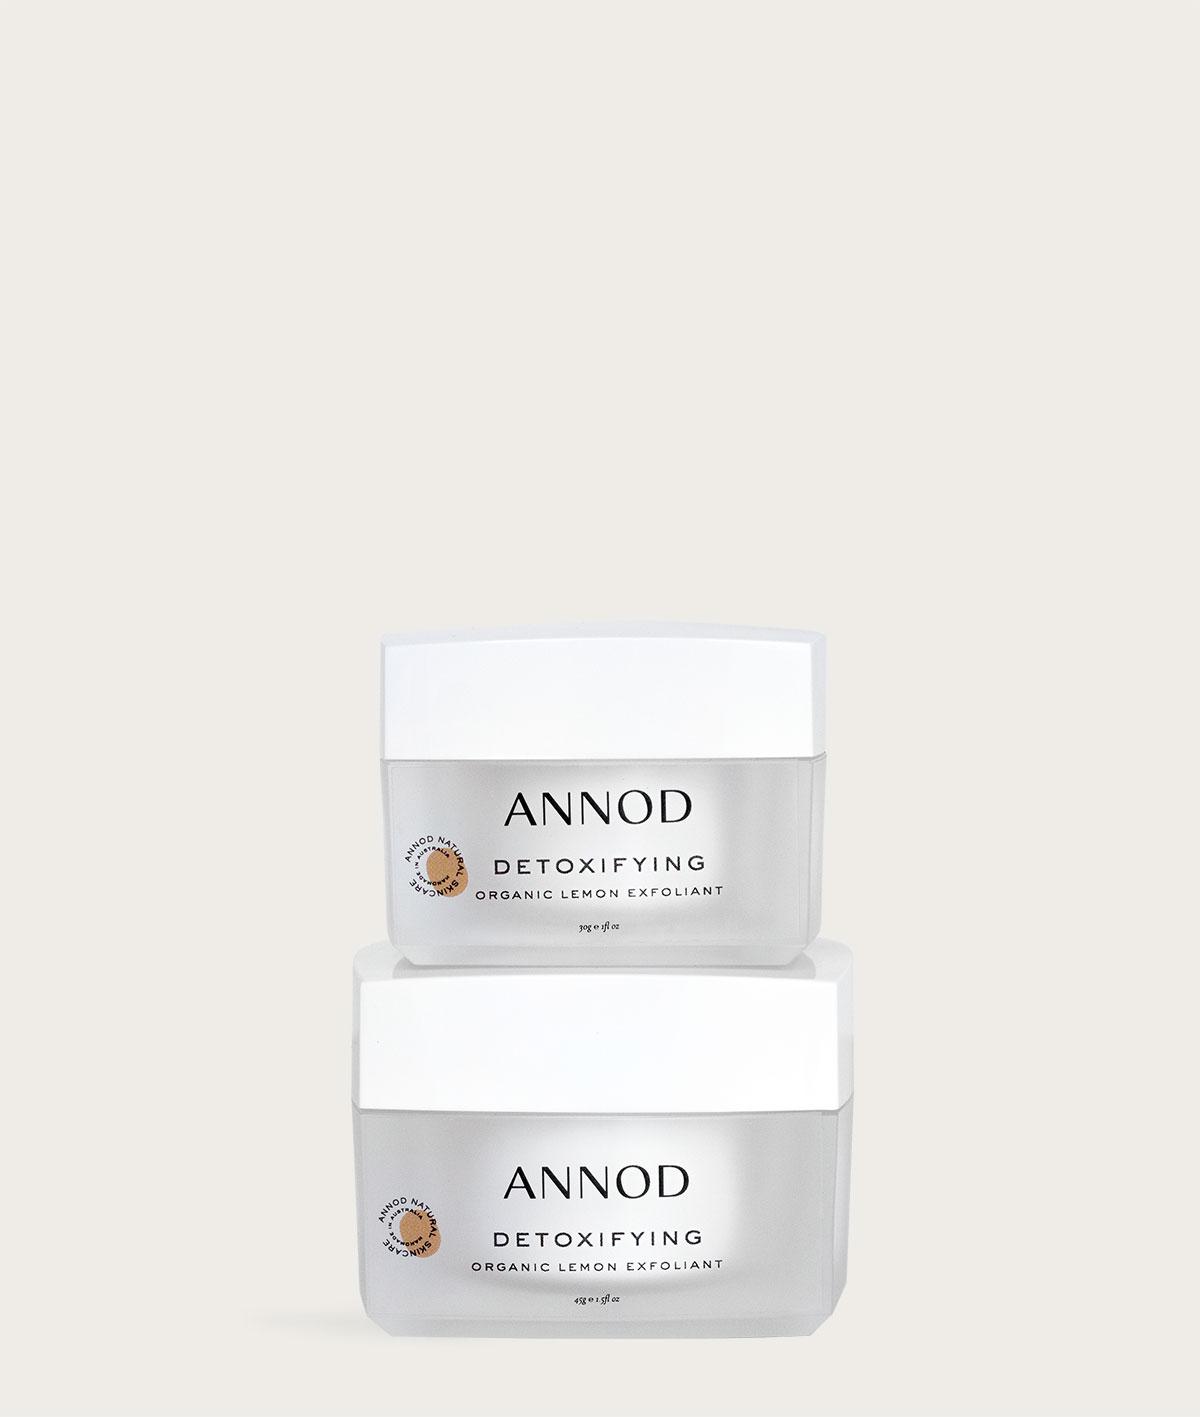 A set of Detoxifying Organic Lemon Exfoliant 45g and 30g